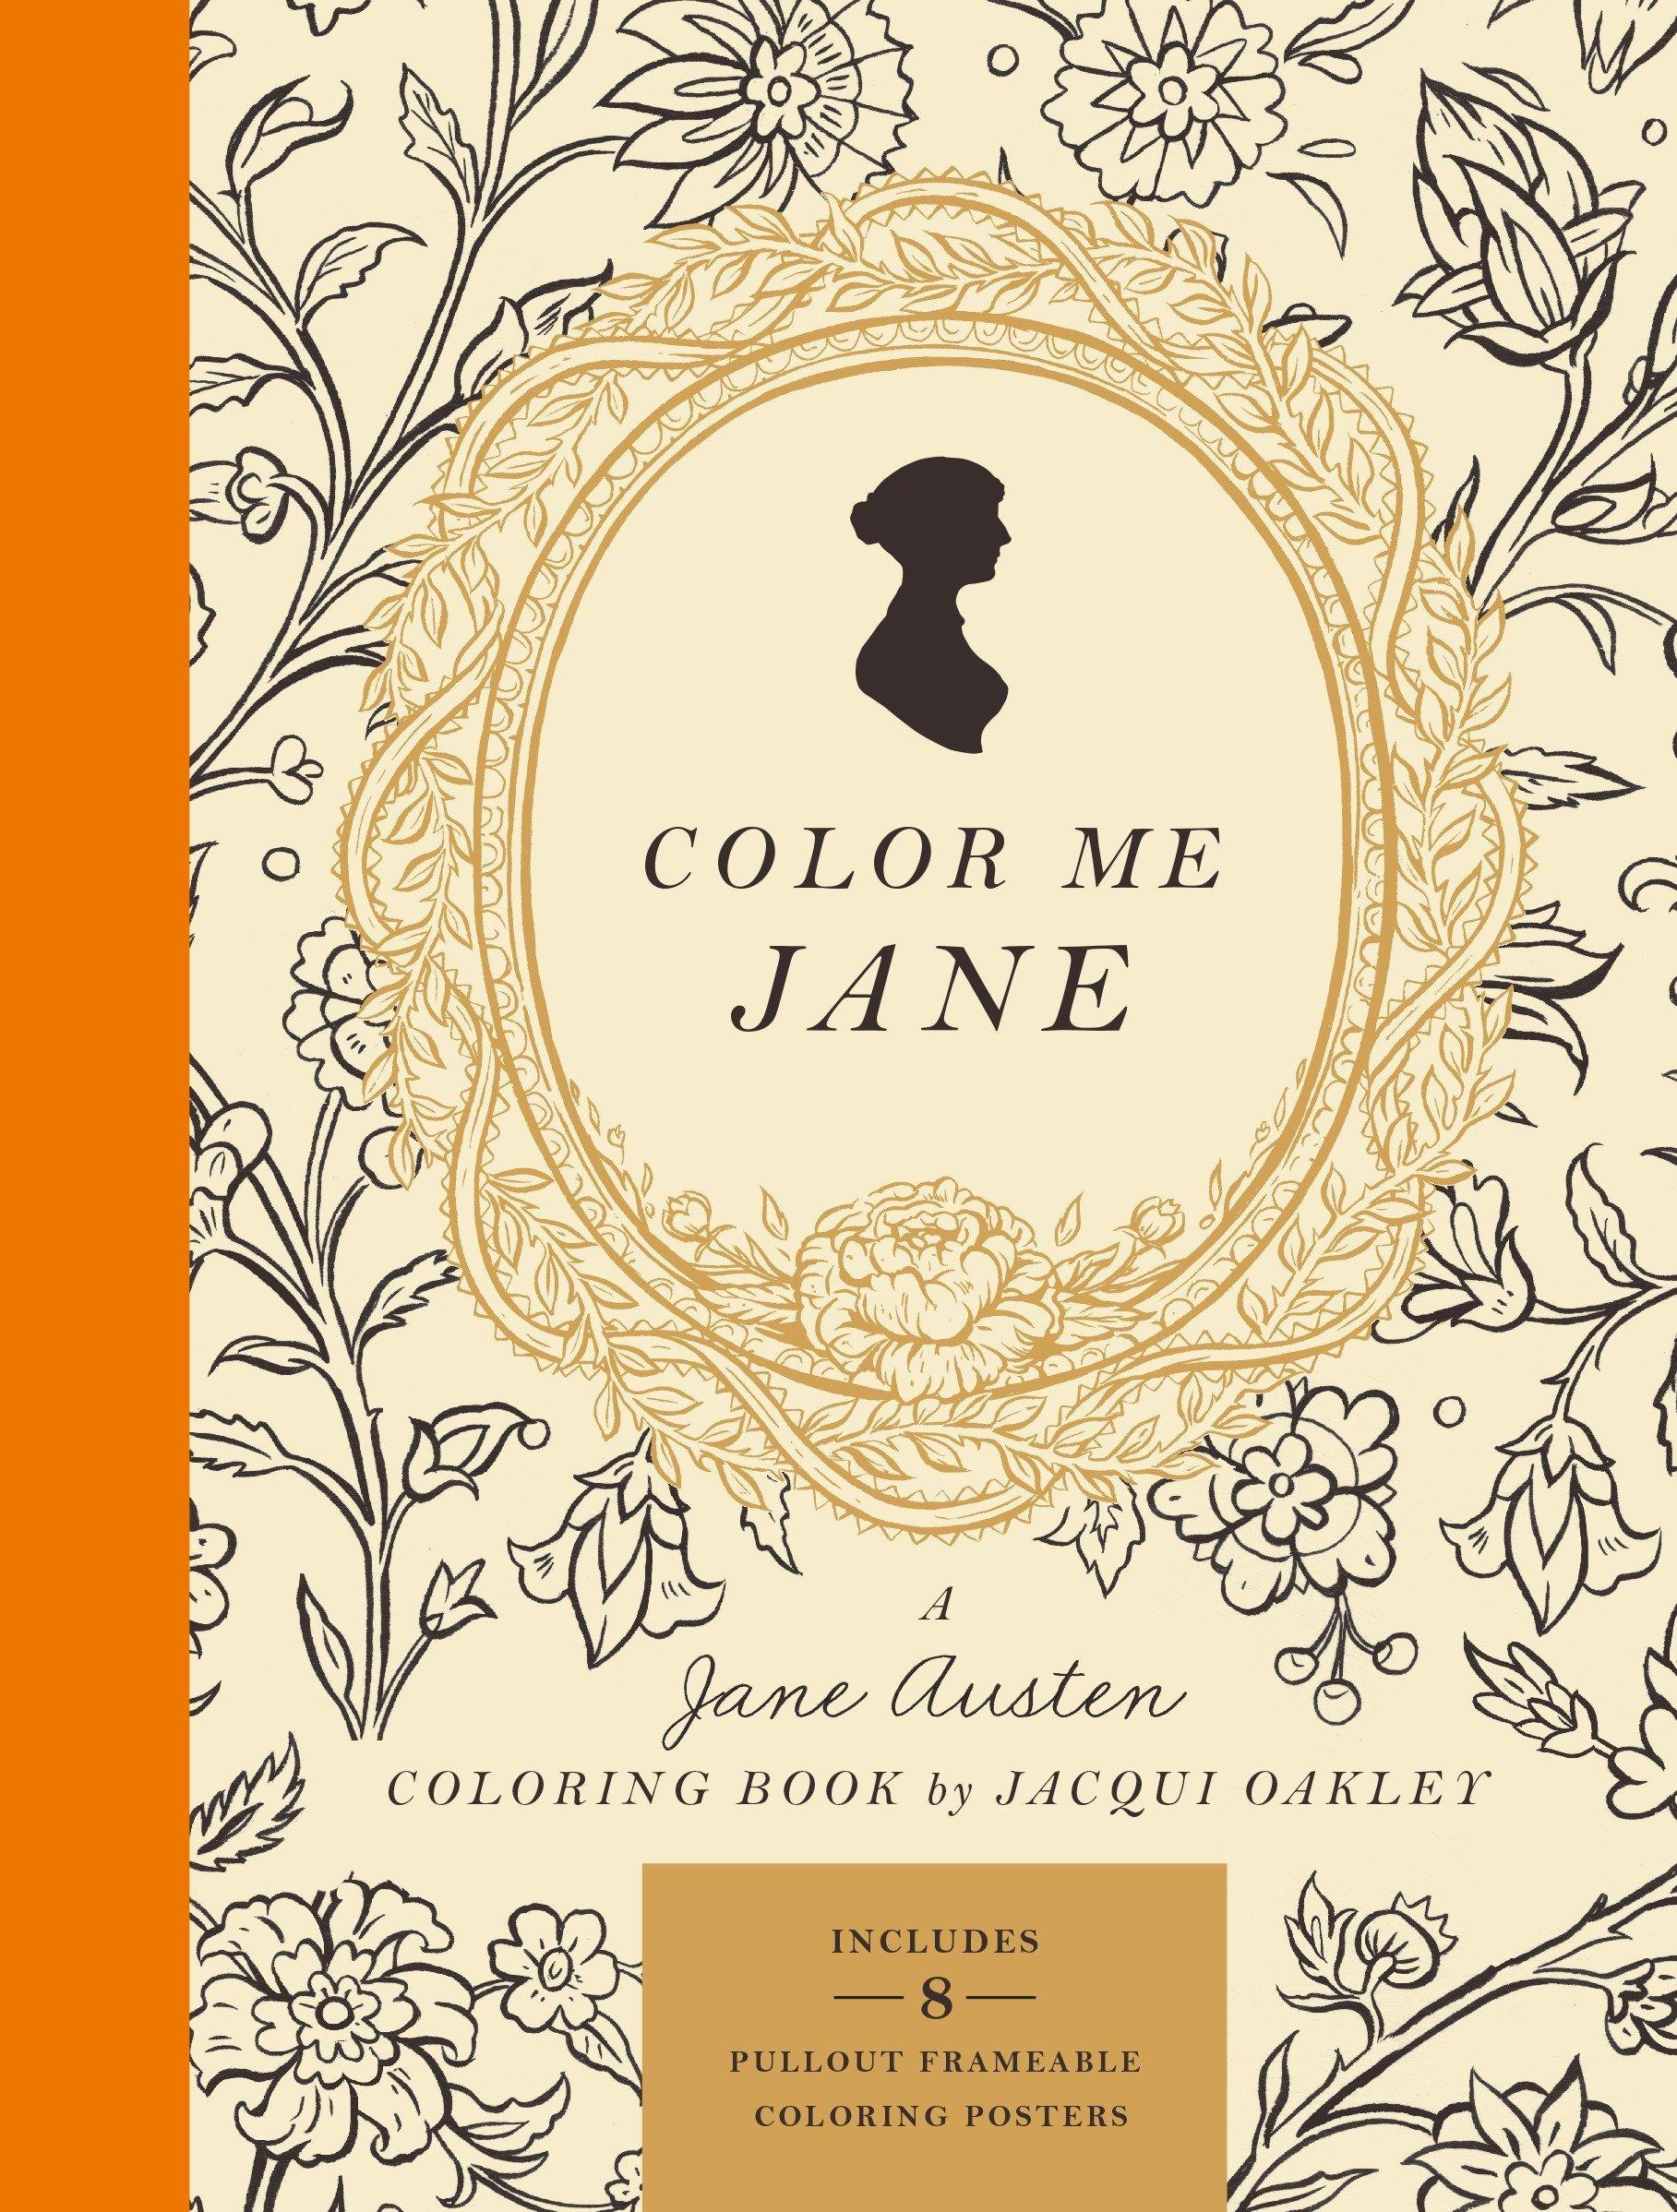 Color Me Jane: A Jane Austen Adult Coloring Book: Amazon.de: Jacqui ...